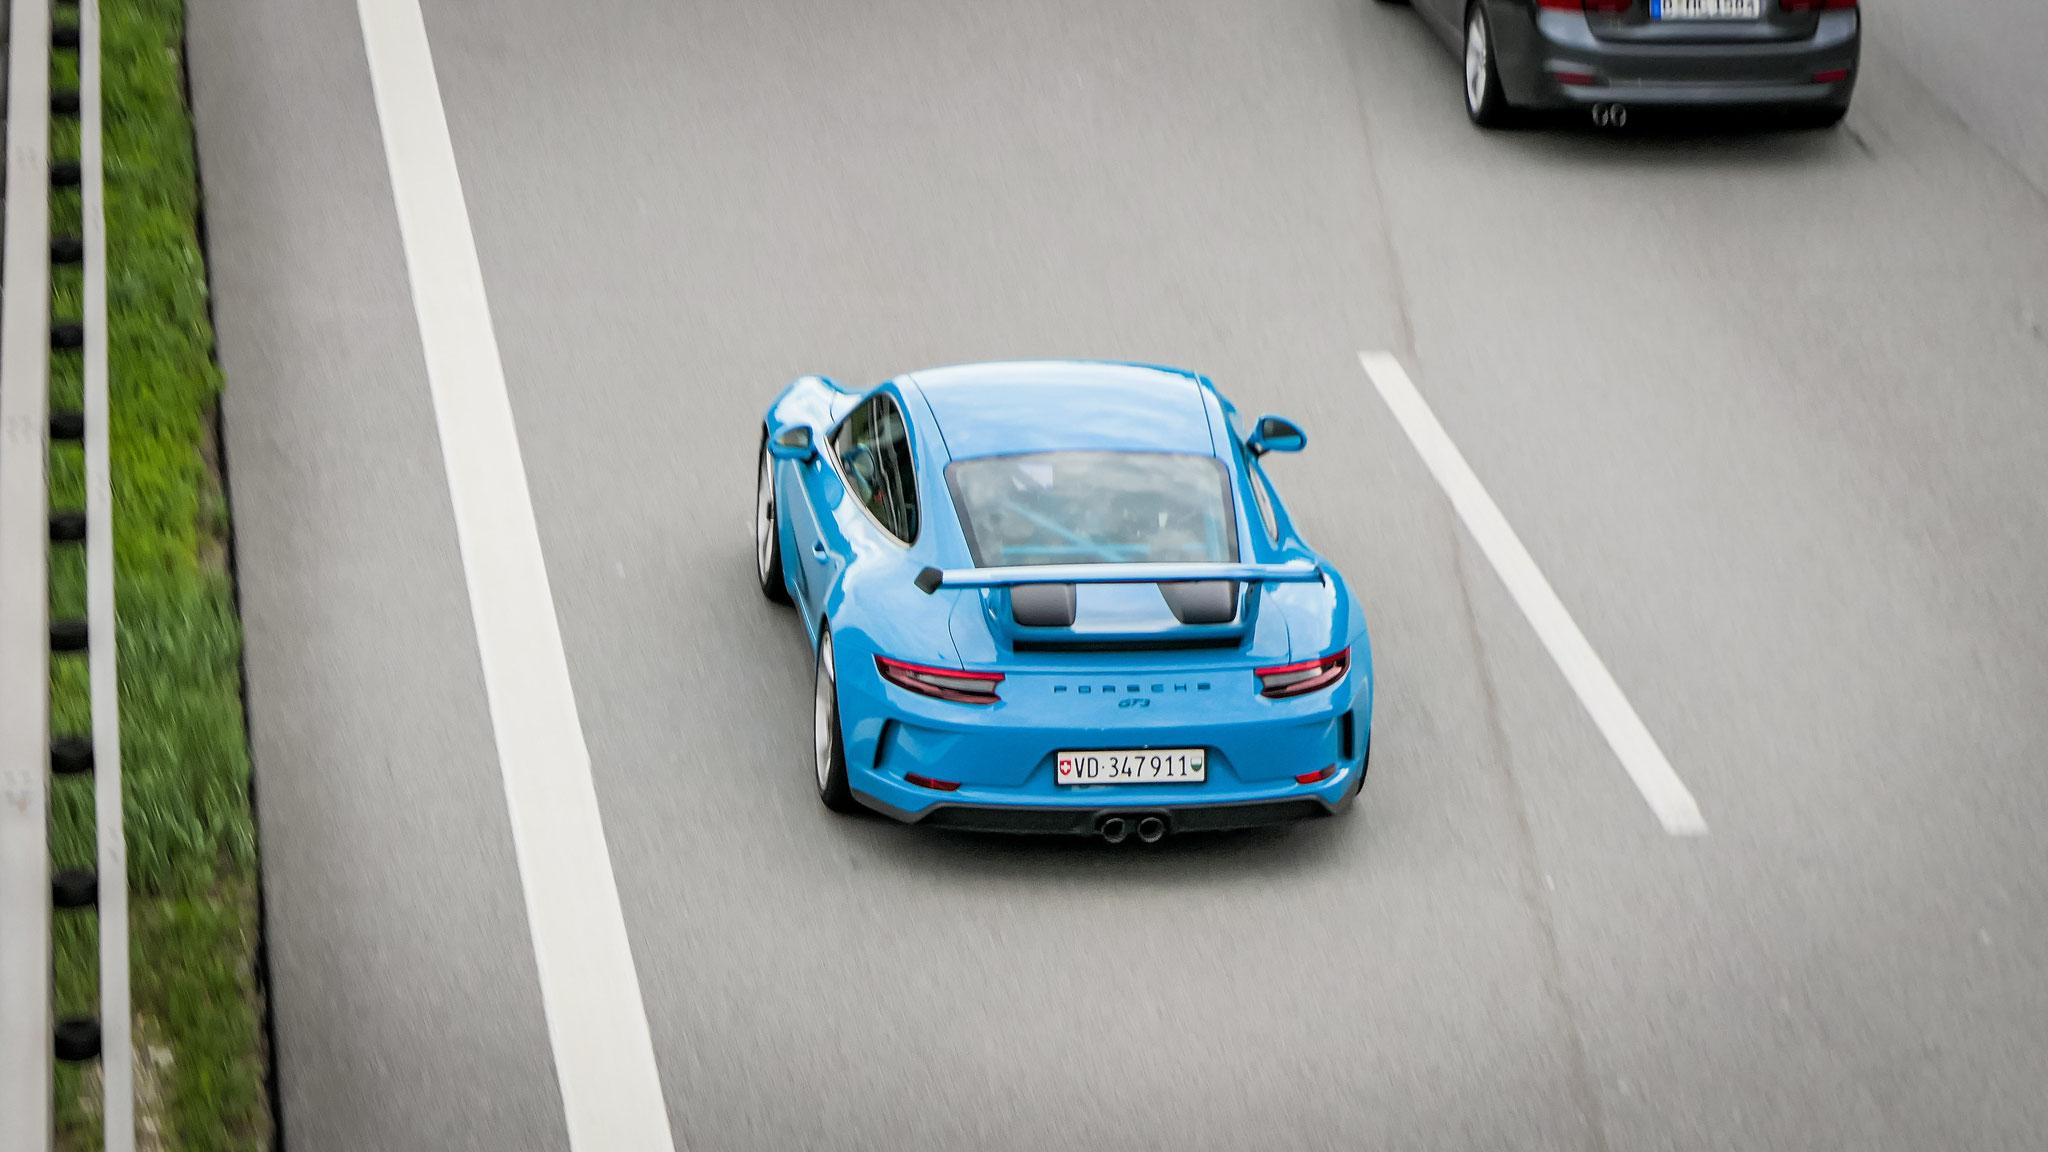 Porsche 991 GT3 - VD-347911 (CH)